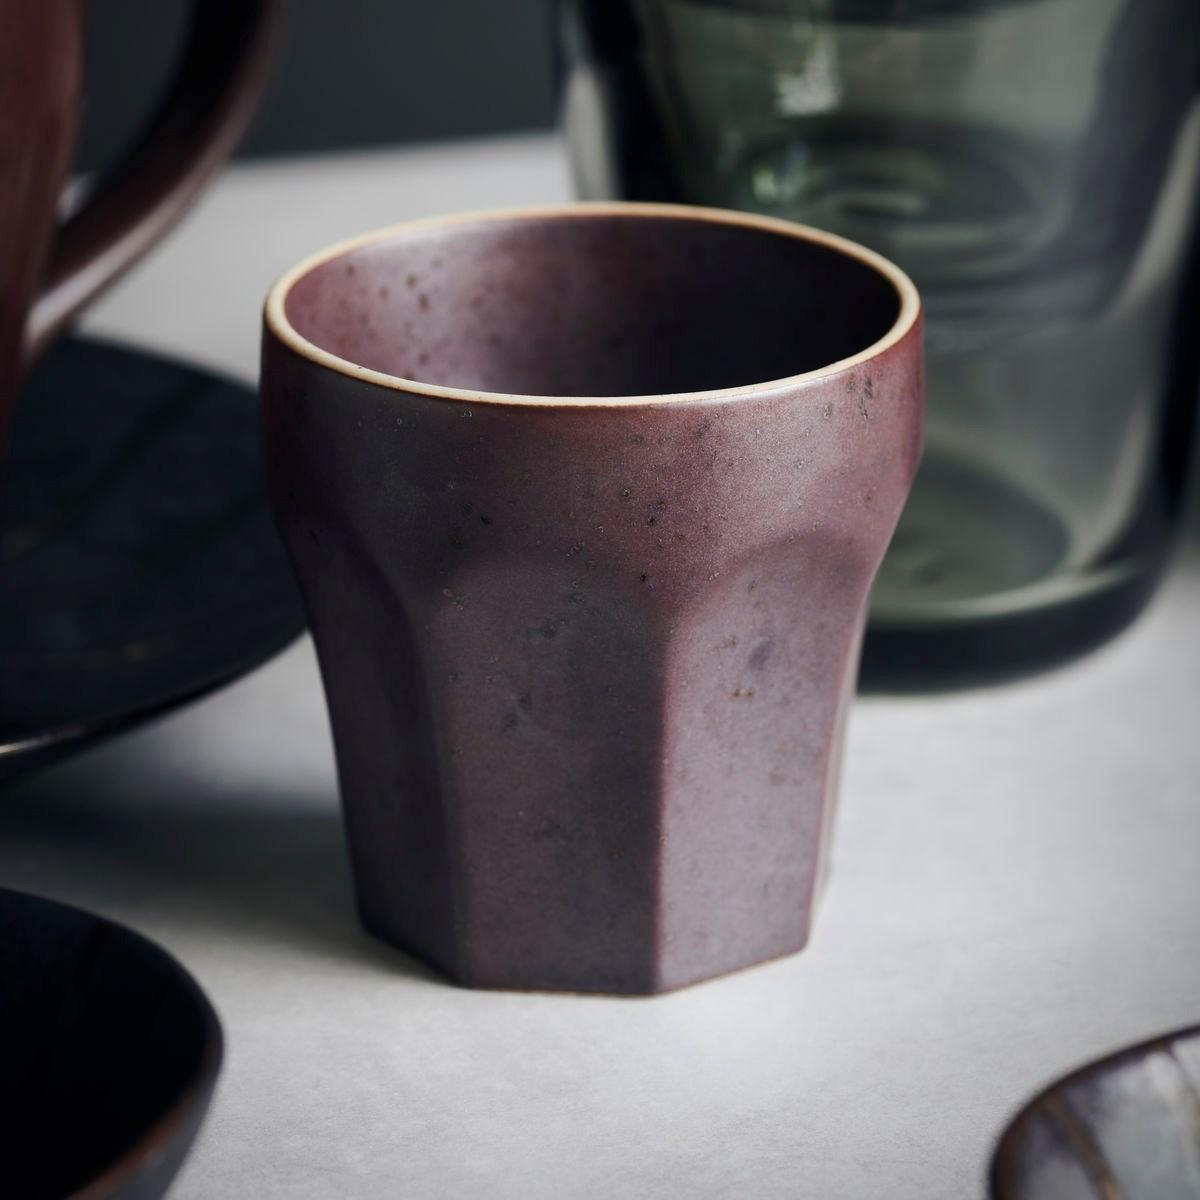 Šálek na Espresso  BERICA hnědý_1